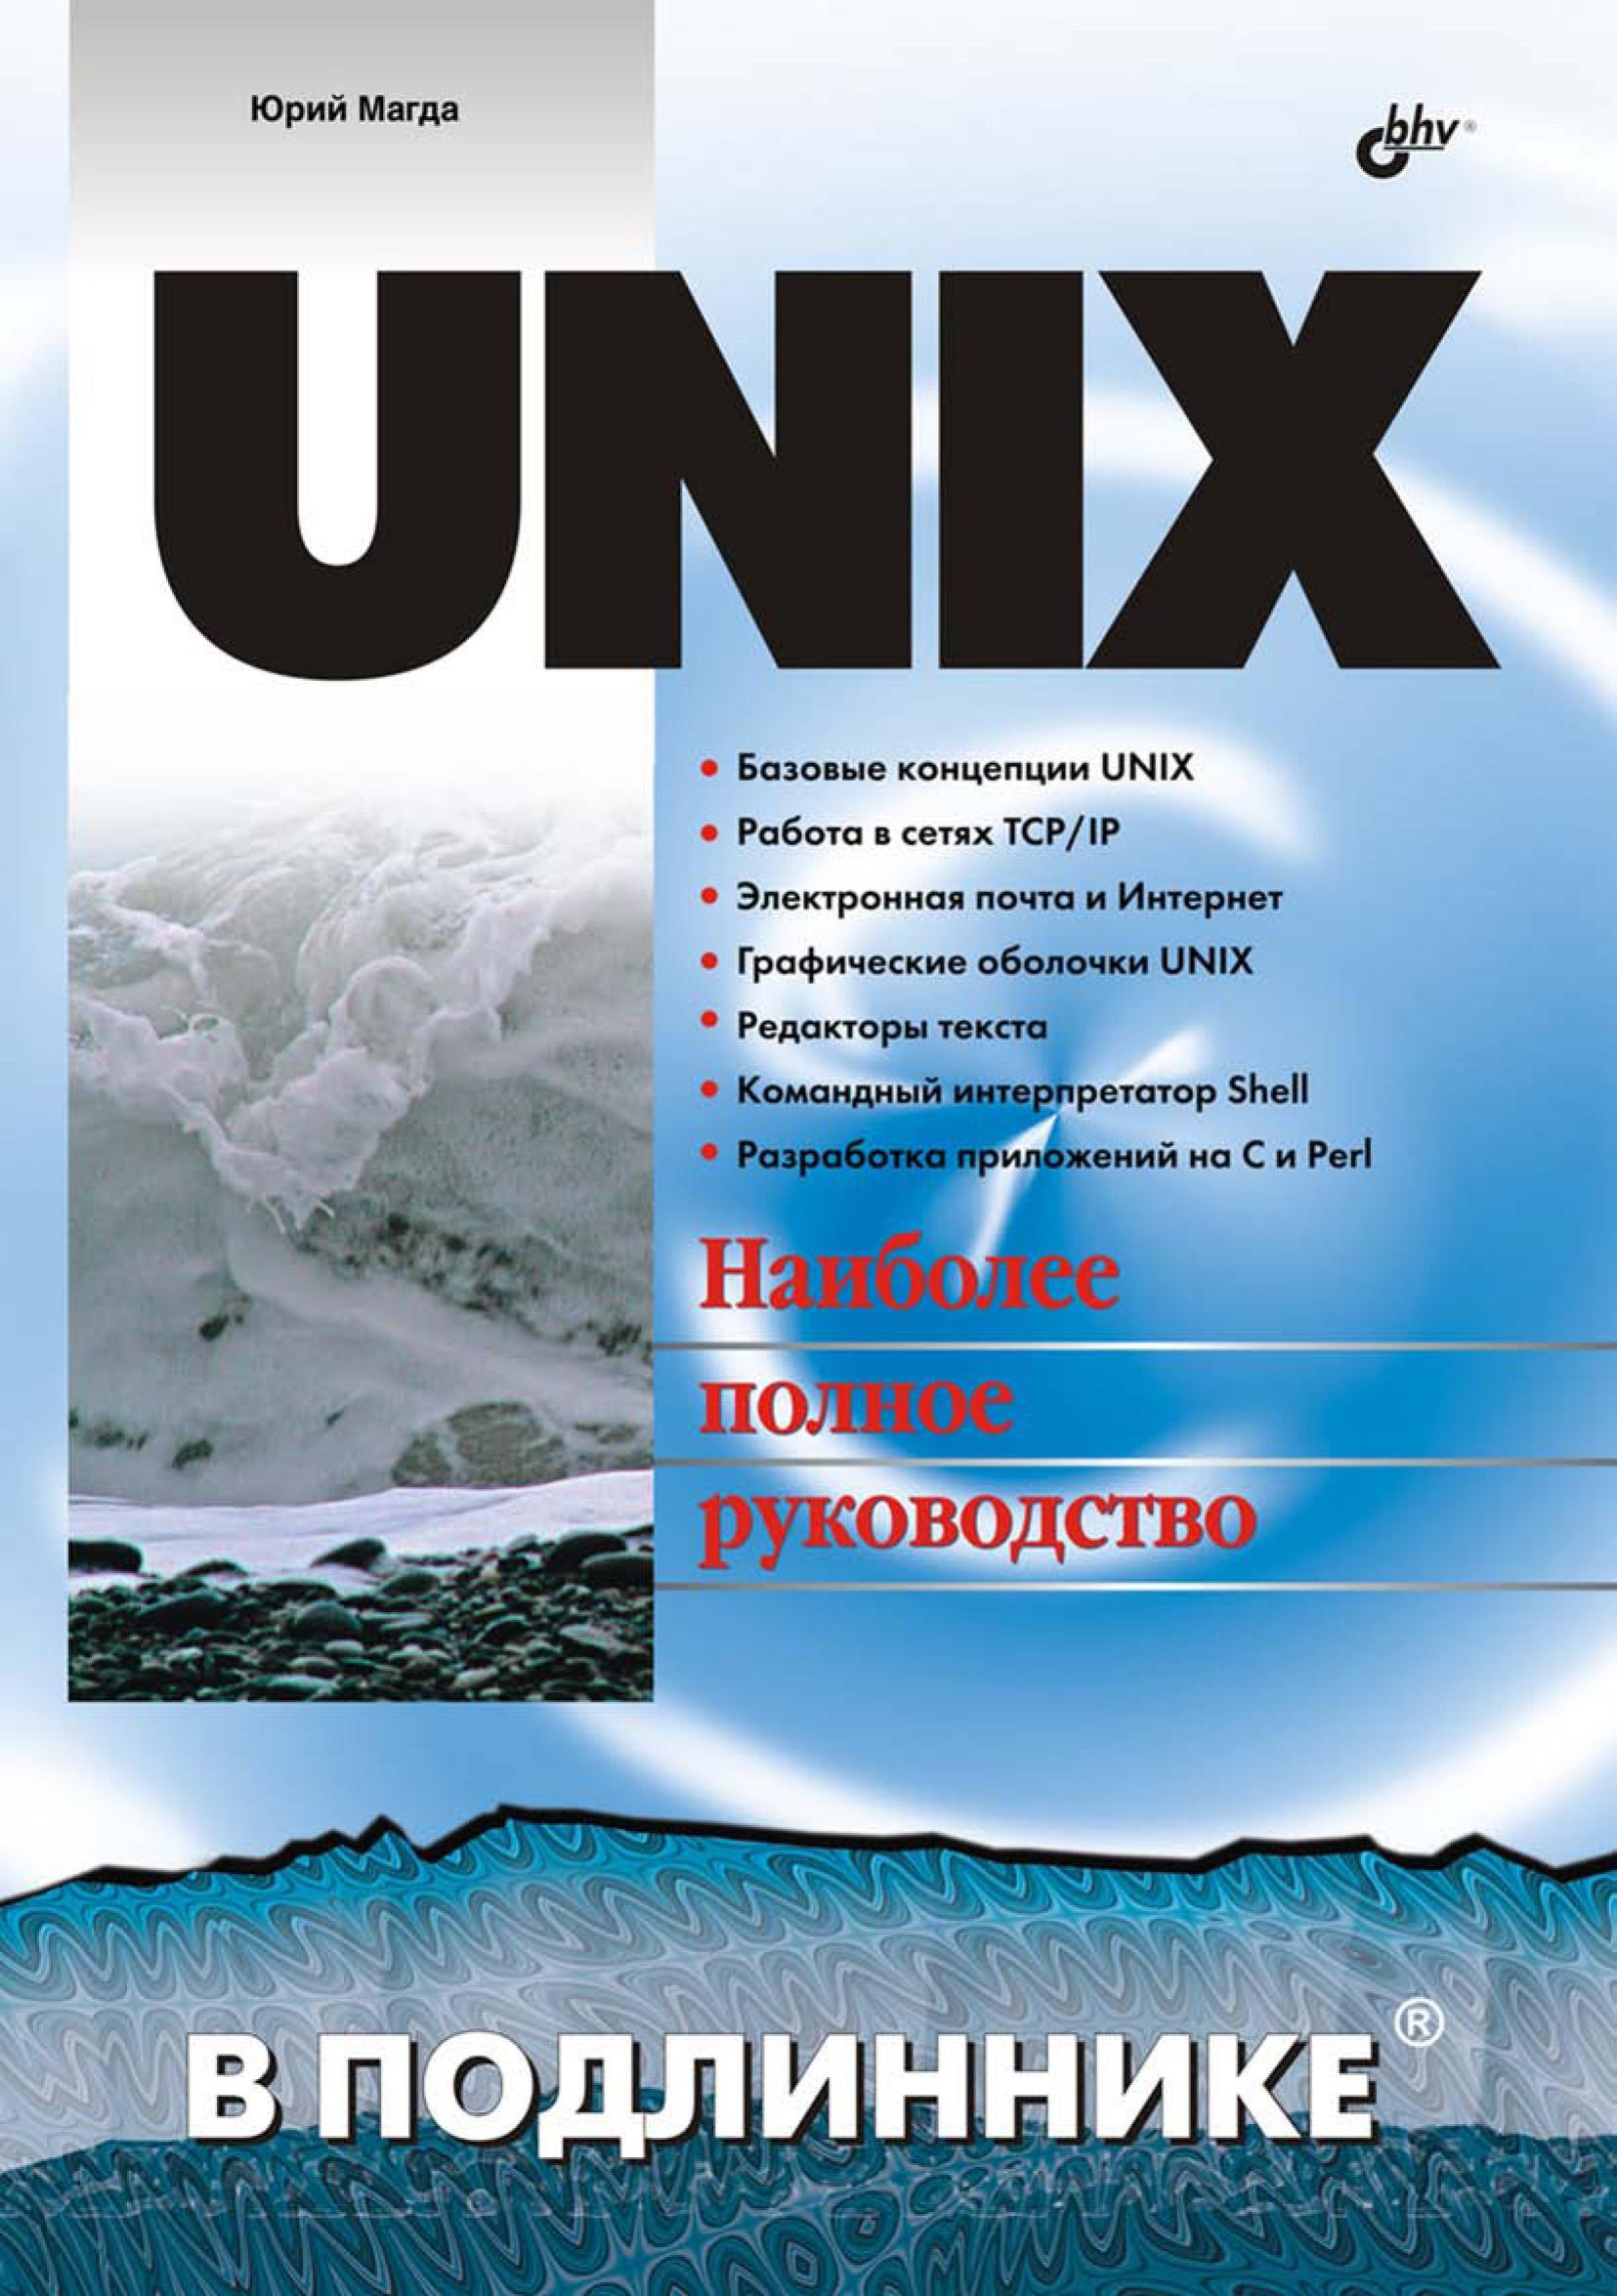 Юрий Магда UNIX арнольд роббинс unix справочник page 9